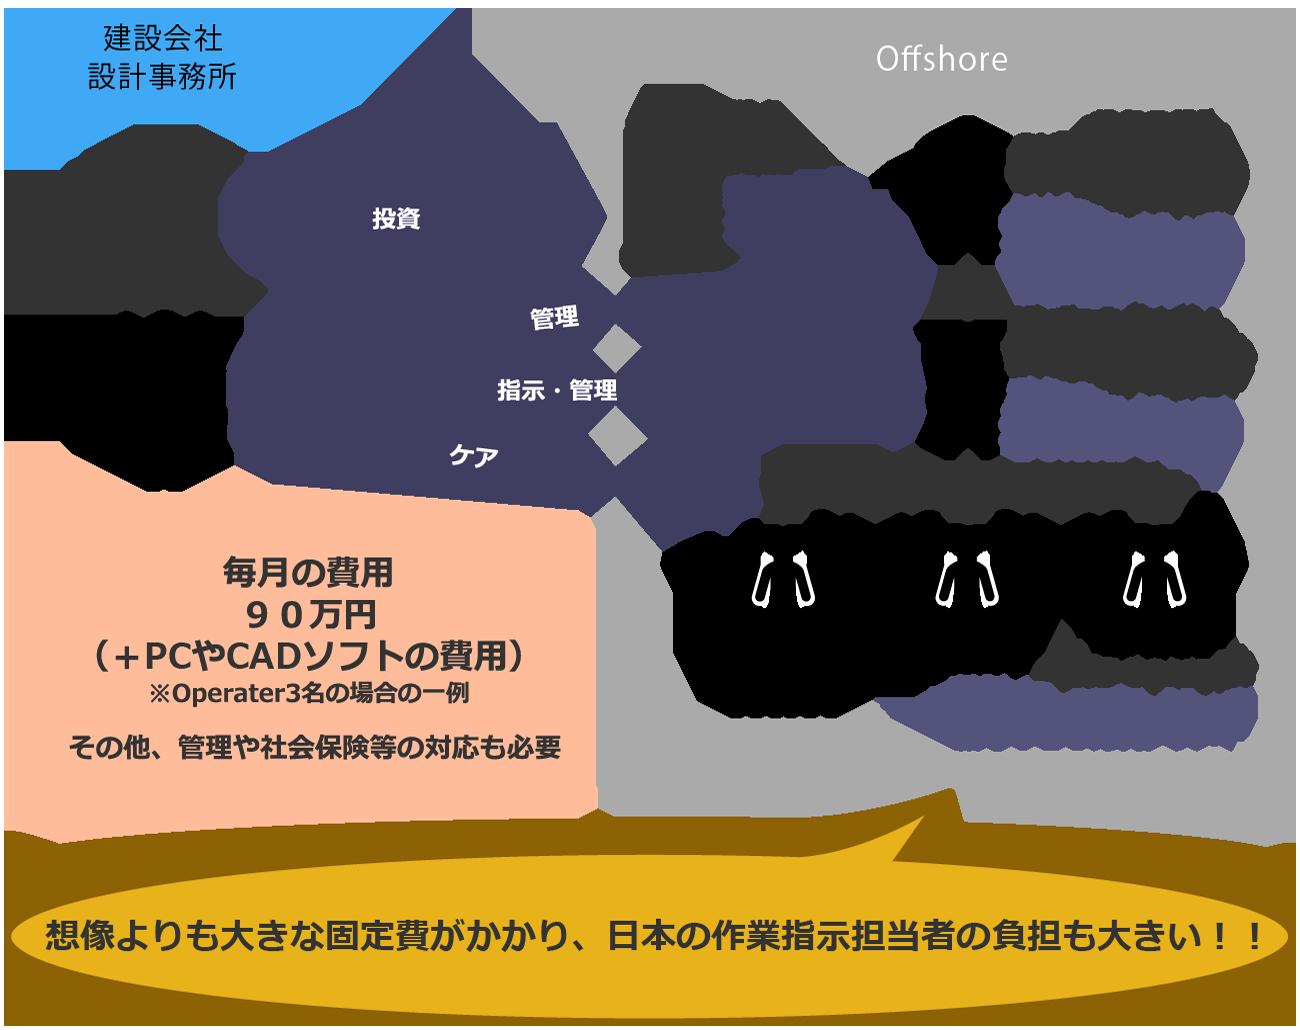 想像よりも大きな固定費がかかり、日本の作業指示担当者の負担も大きい!!